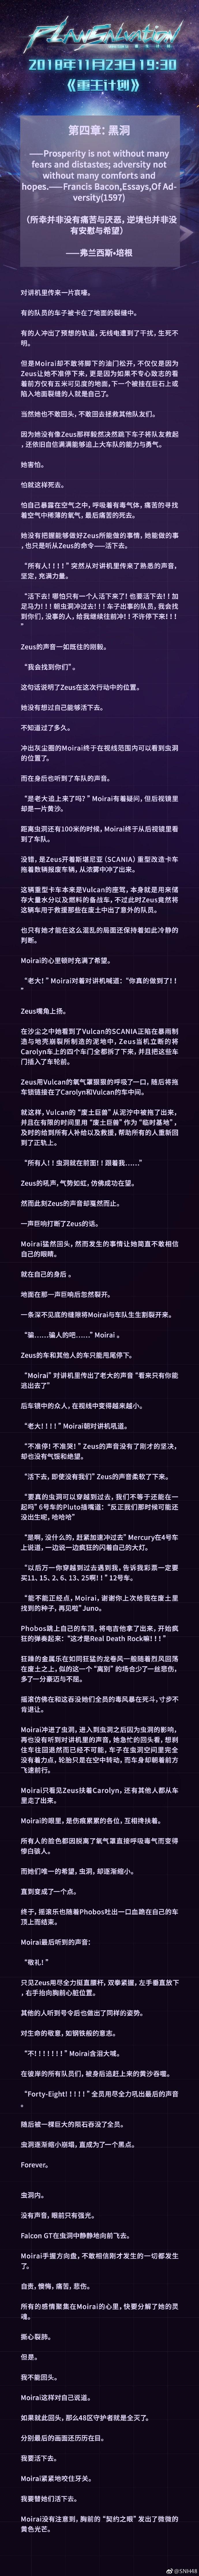 SNH48 TEAM SII全新原创公演同名小说《重生计划》起点中文网同步更新